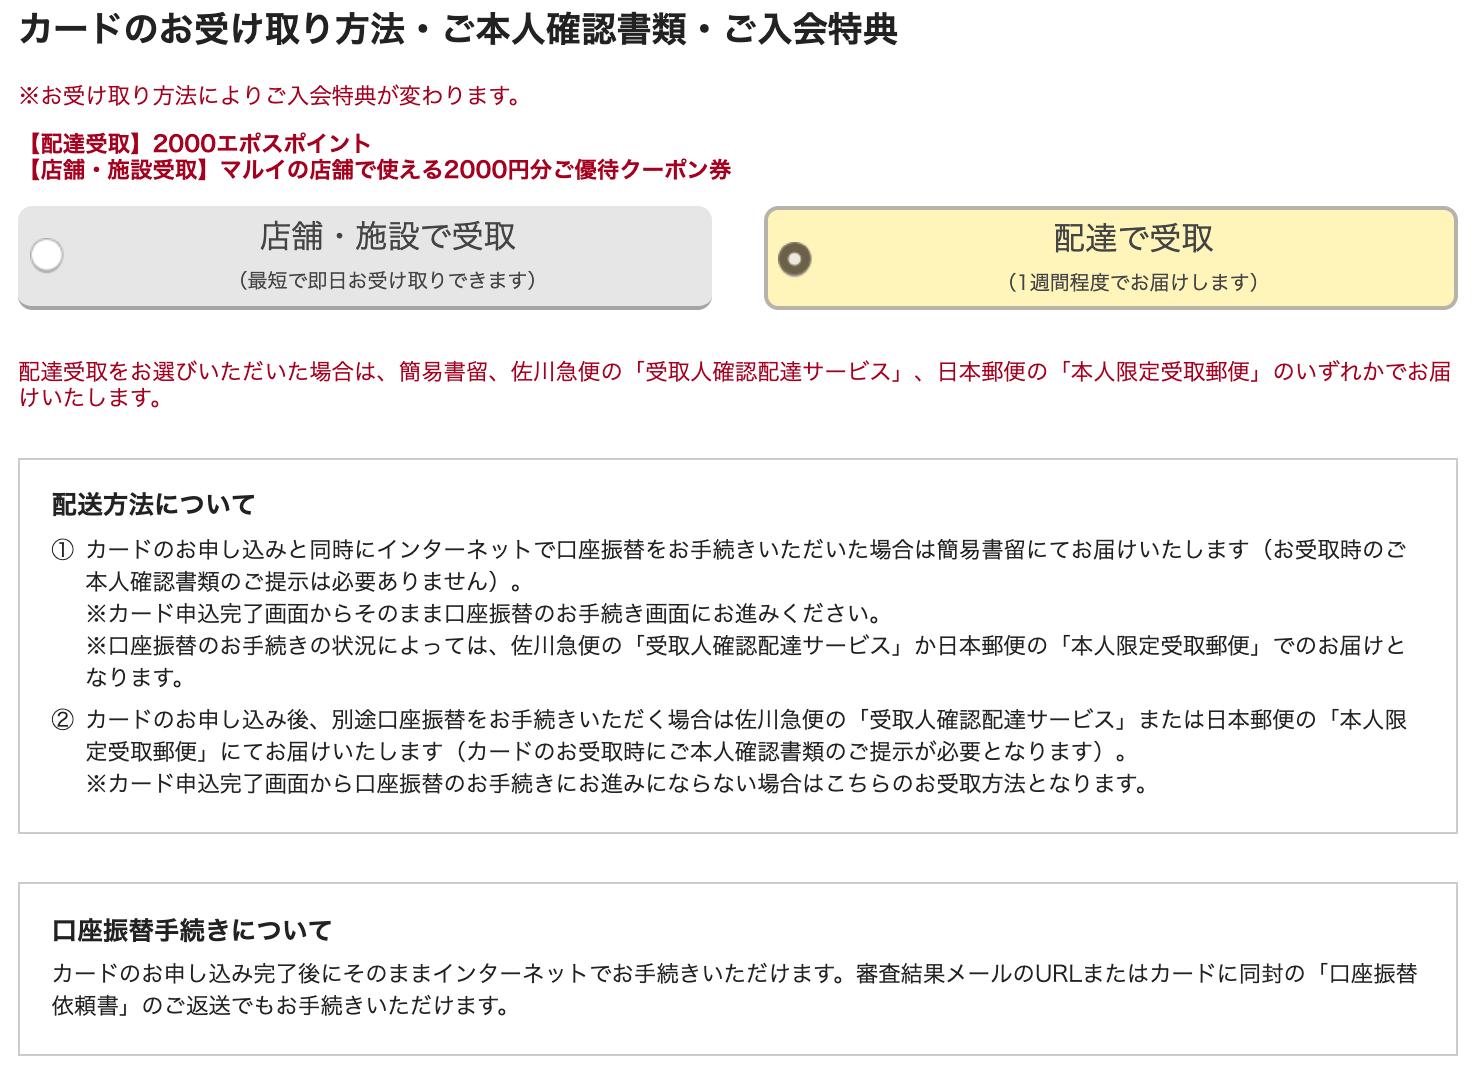 エポスカード申込み手順11